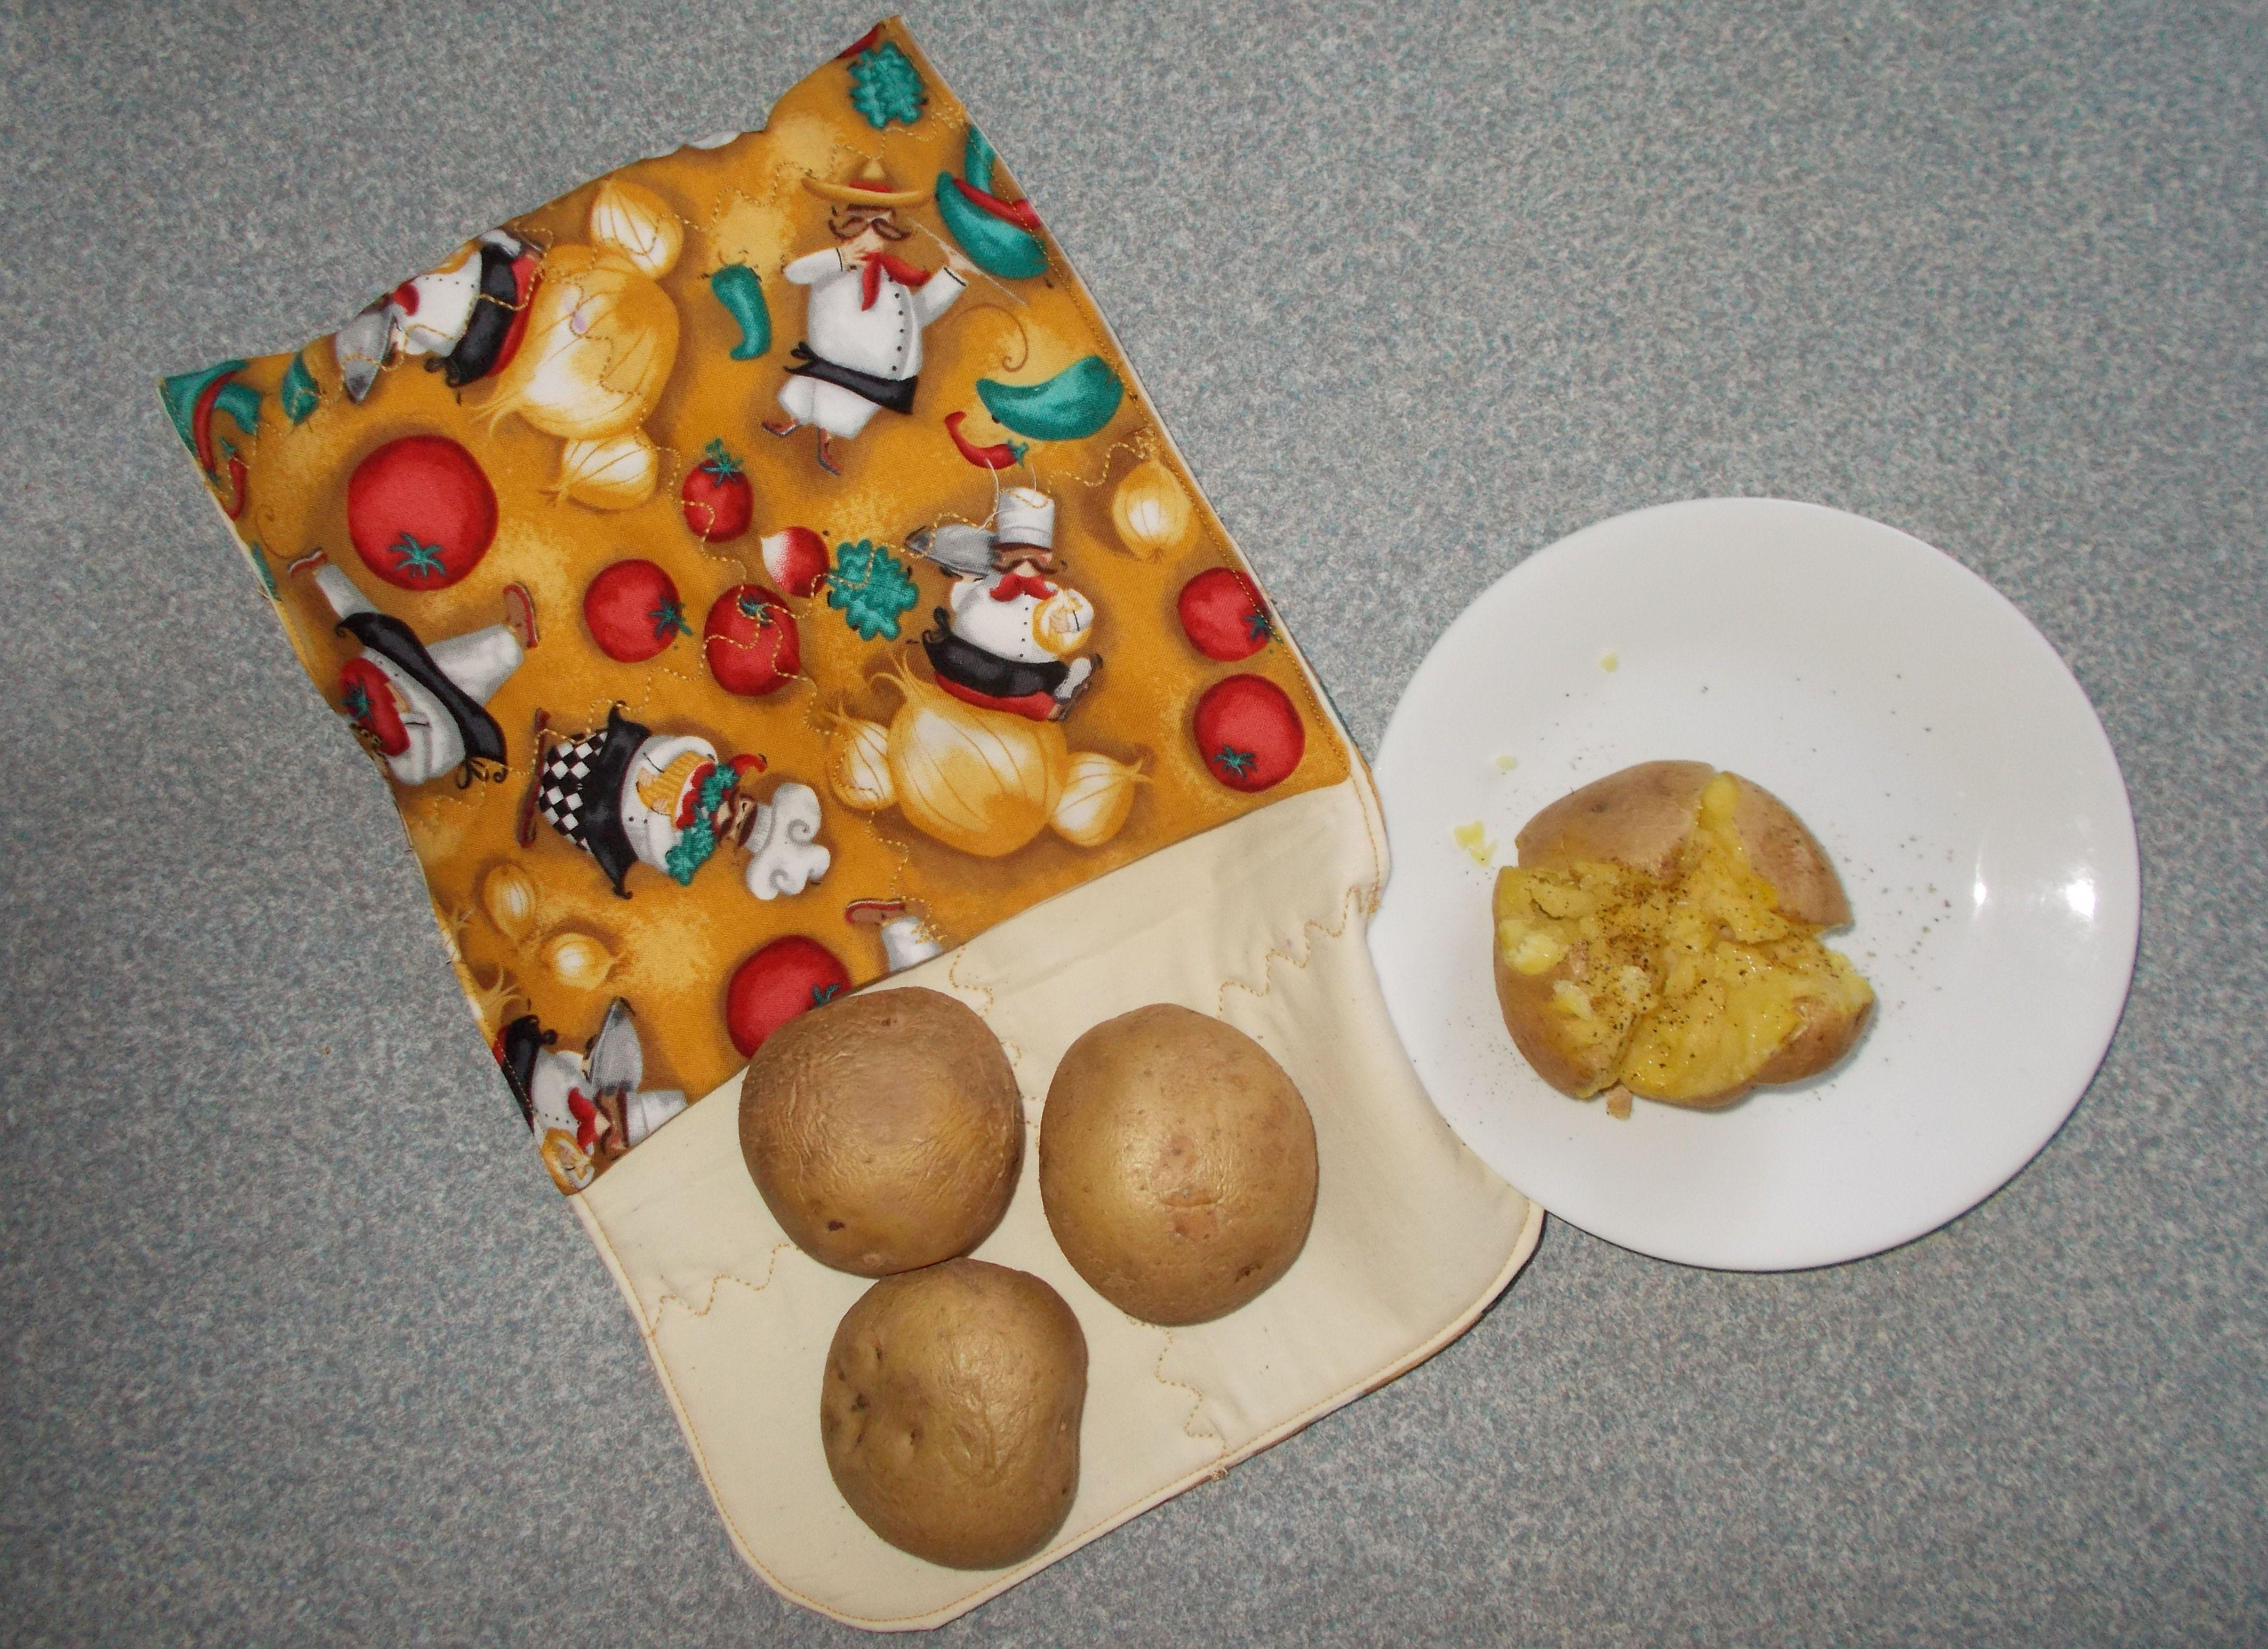 bakedpotatoebagfinished.jpg